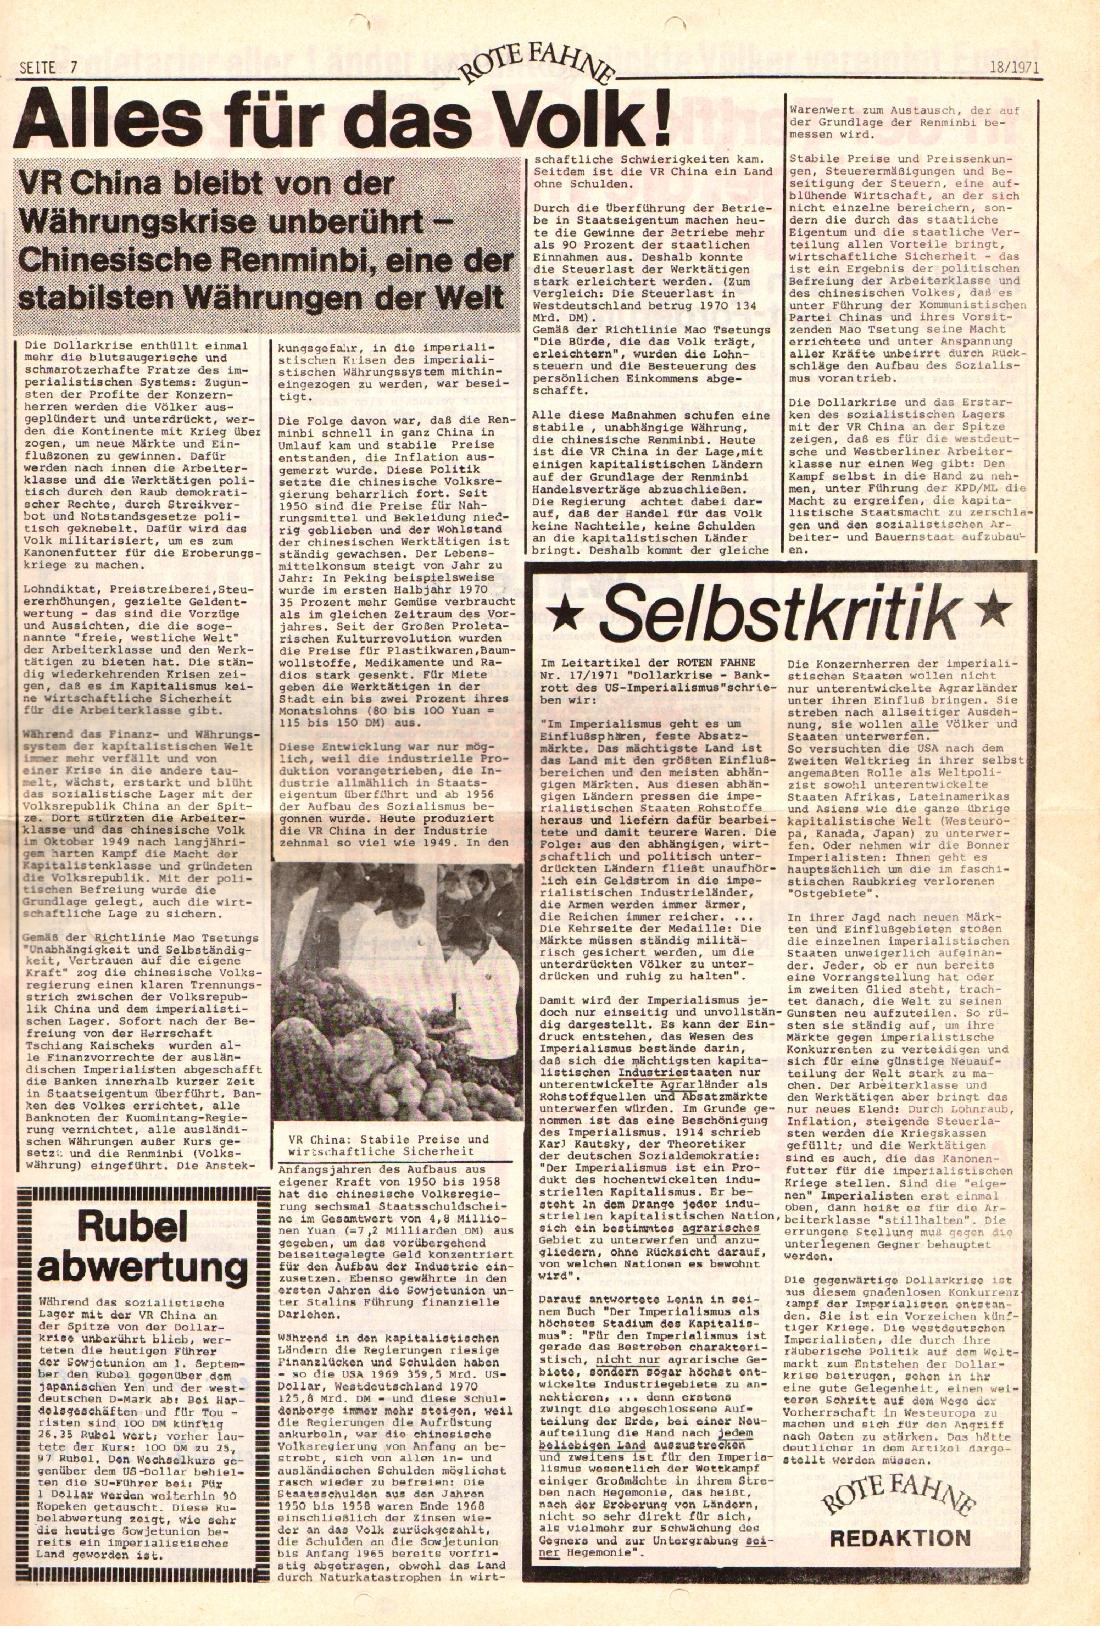 Rote Fahne, 2. Jg., 13.9.1971, Nr. 18, Seite 7